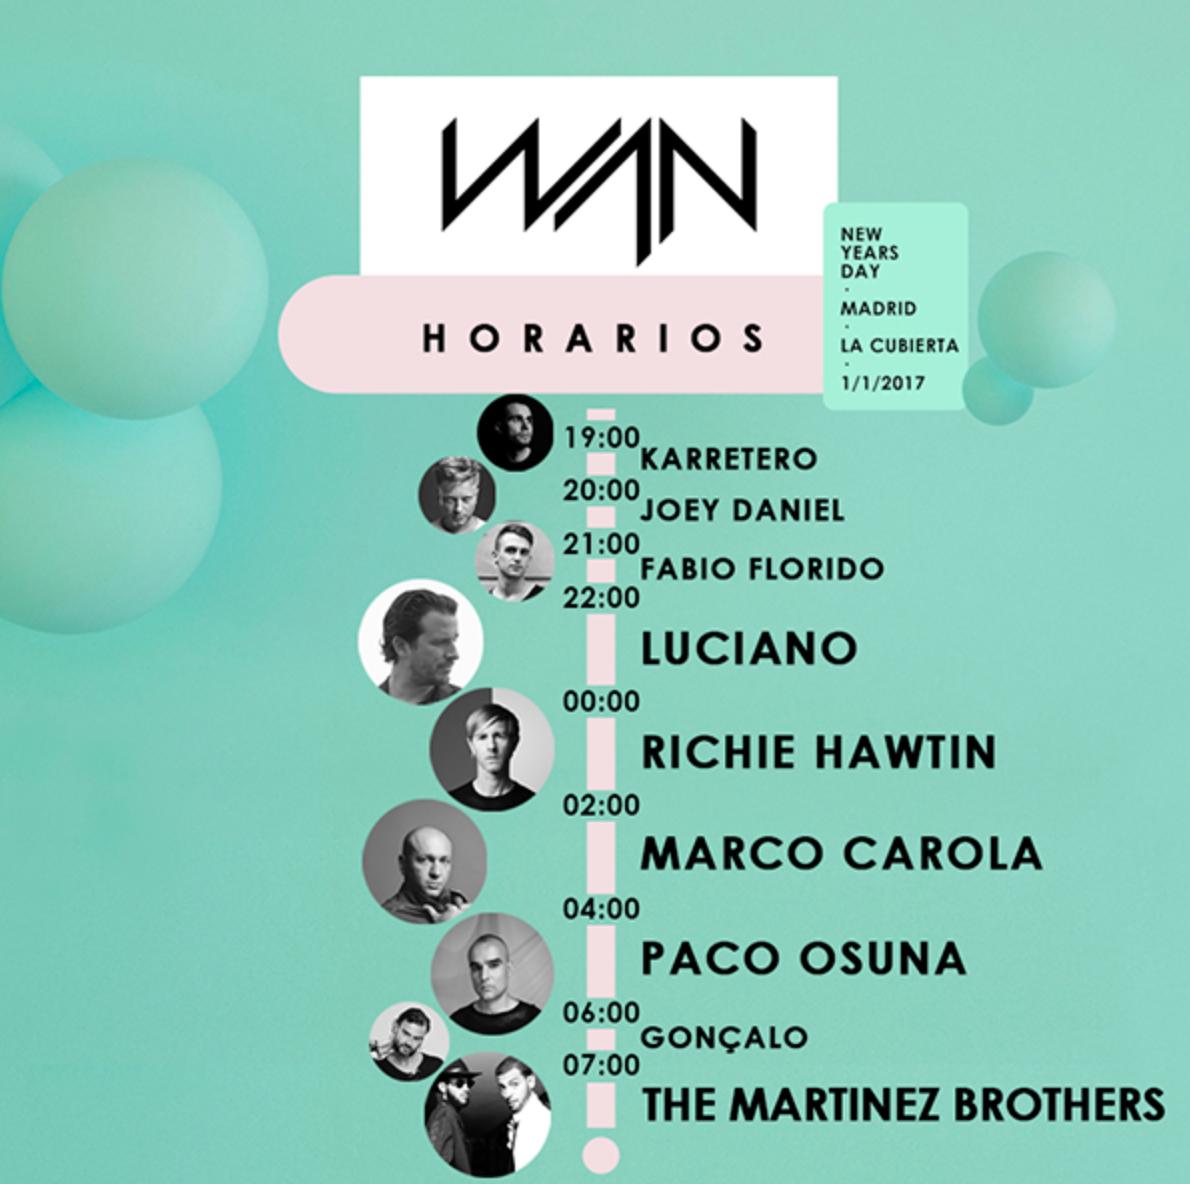 horarios wan festival 2017